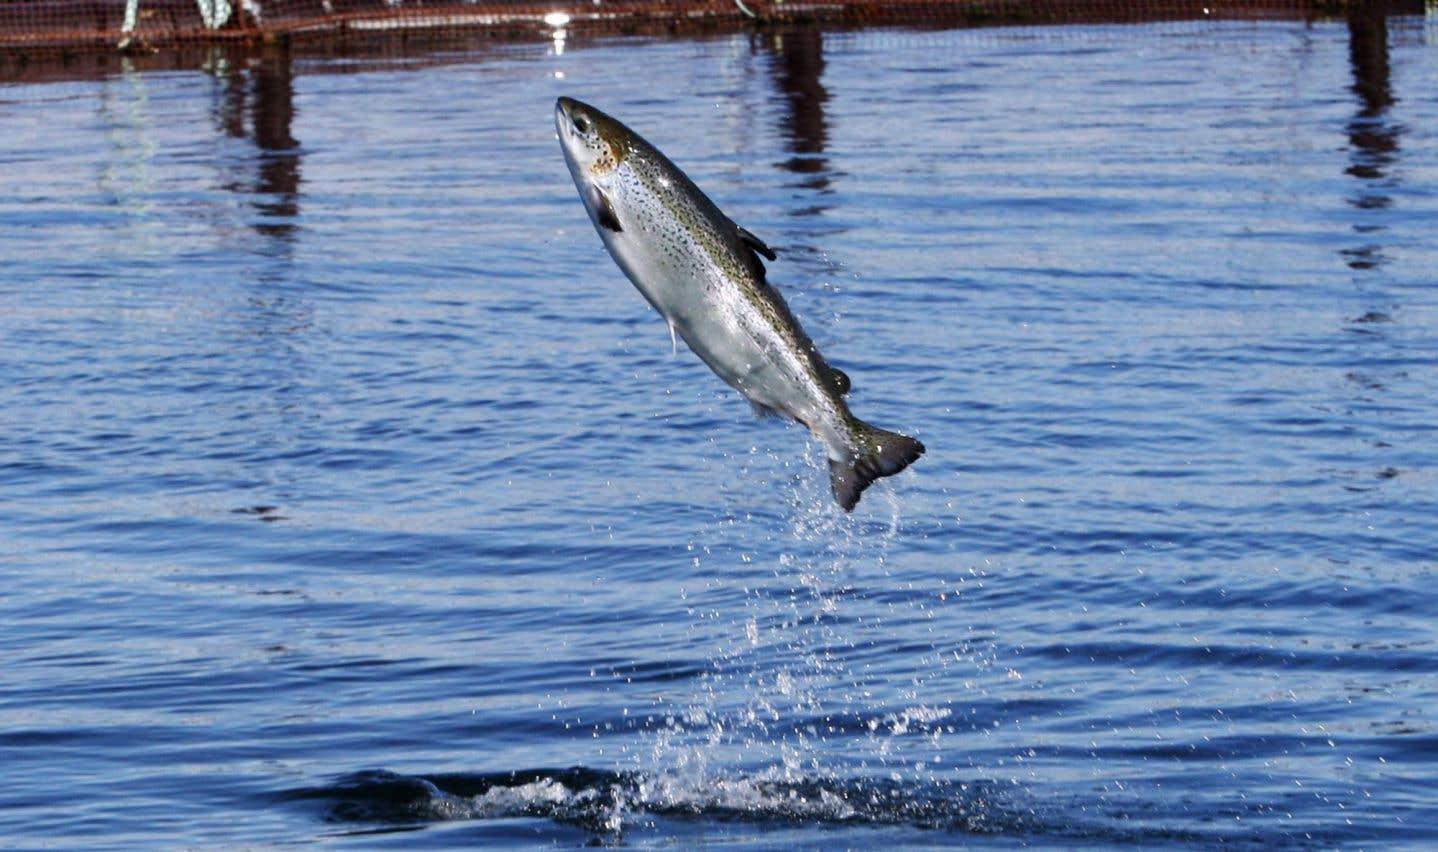 Ottawa évaluera les impacts d'une production de saumons OGM dans l'Î.-P.-É